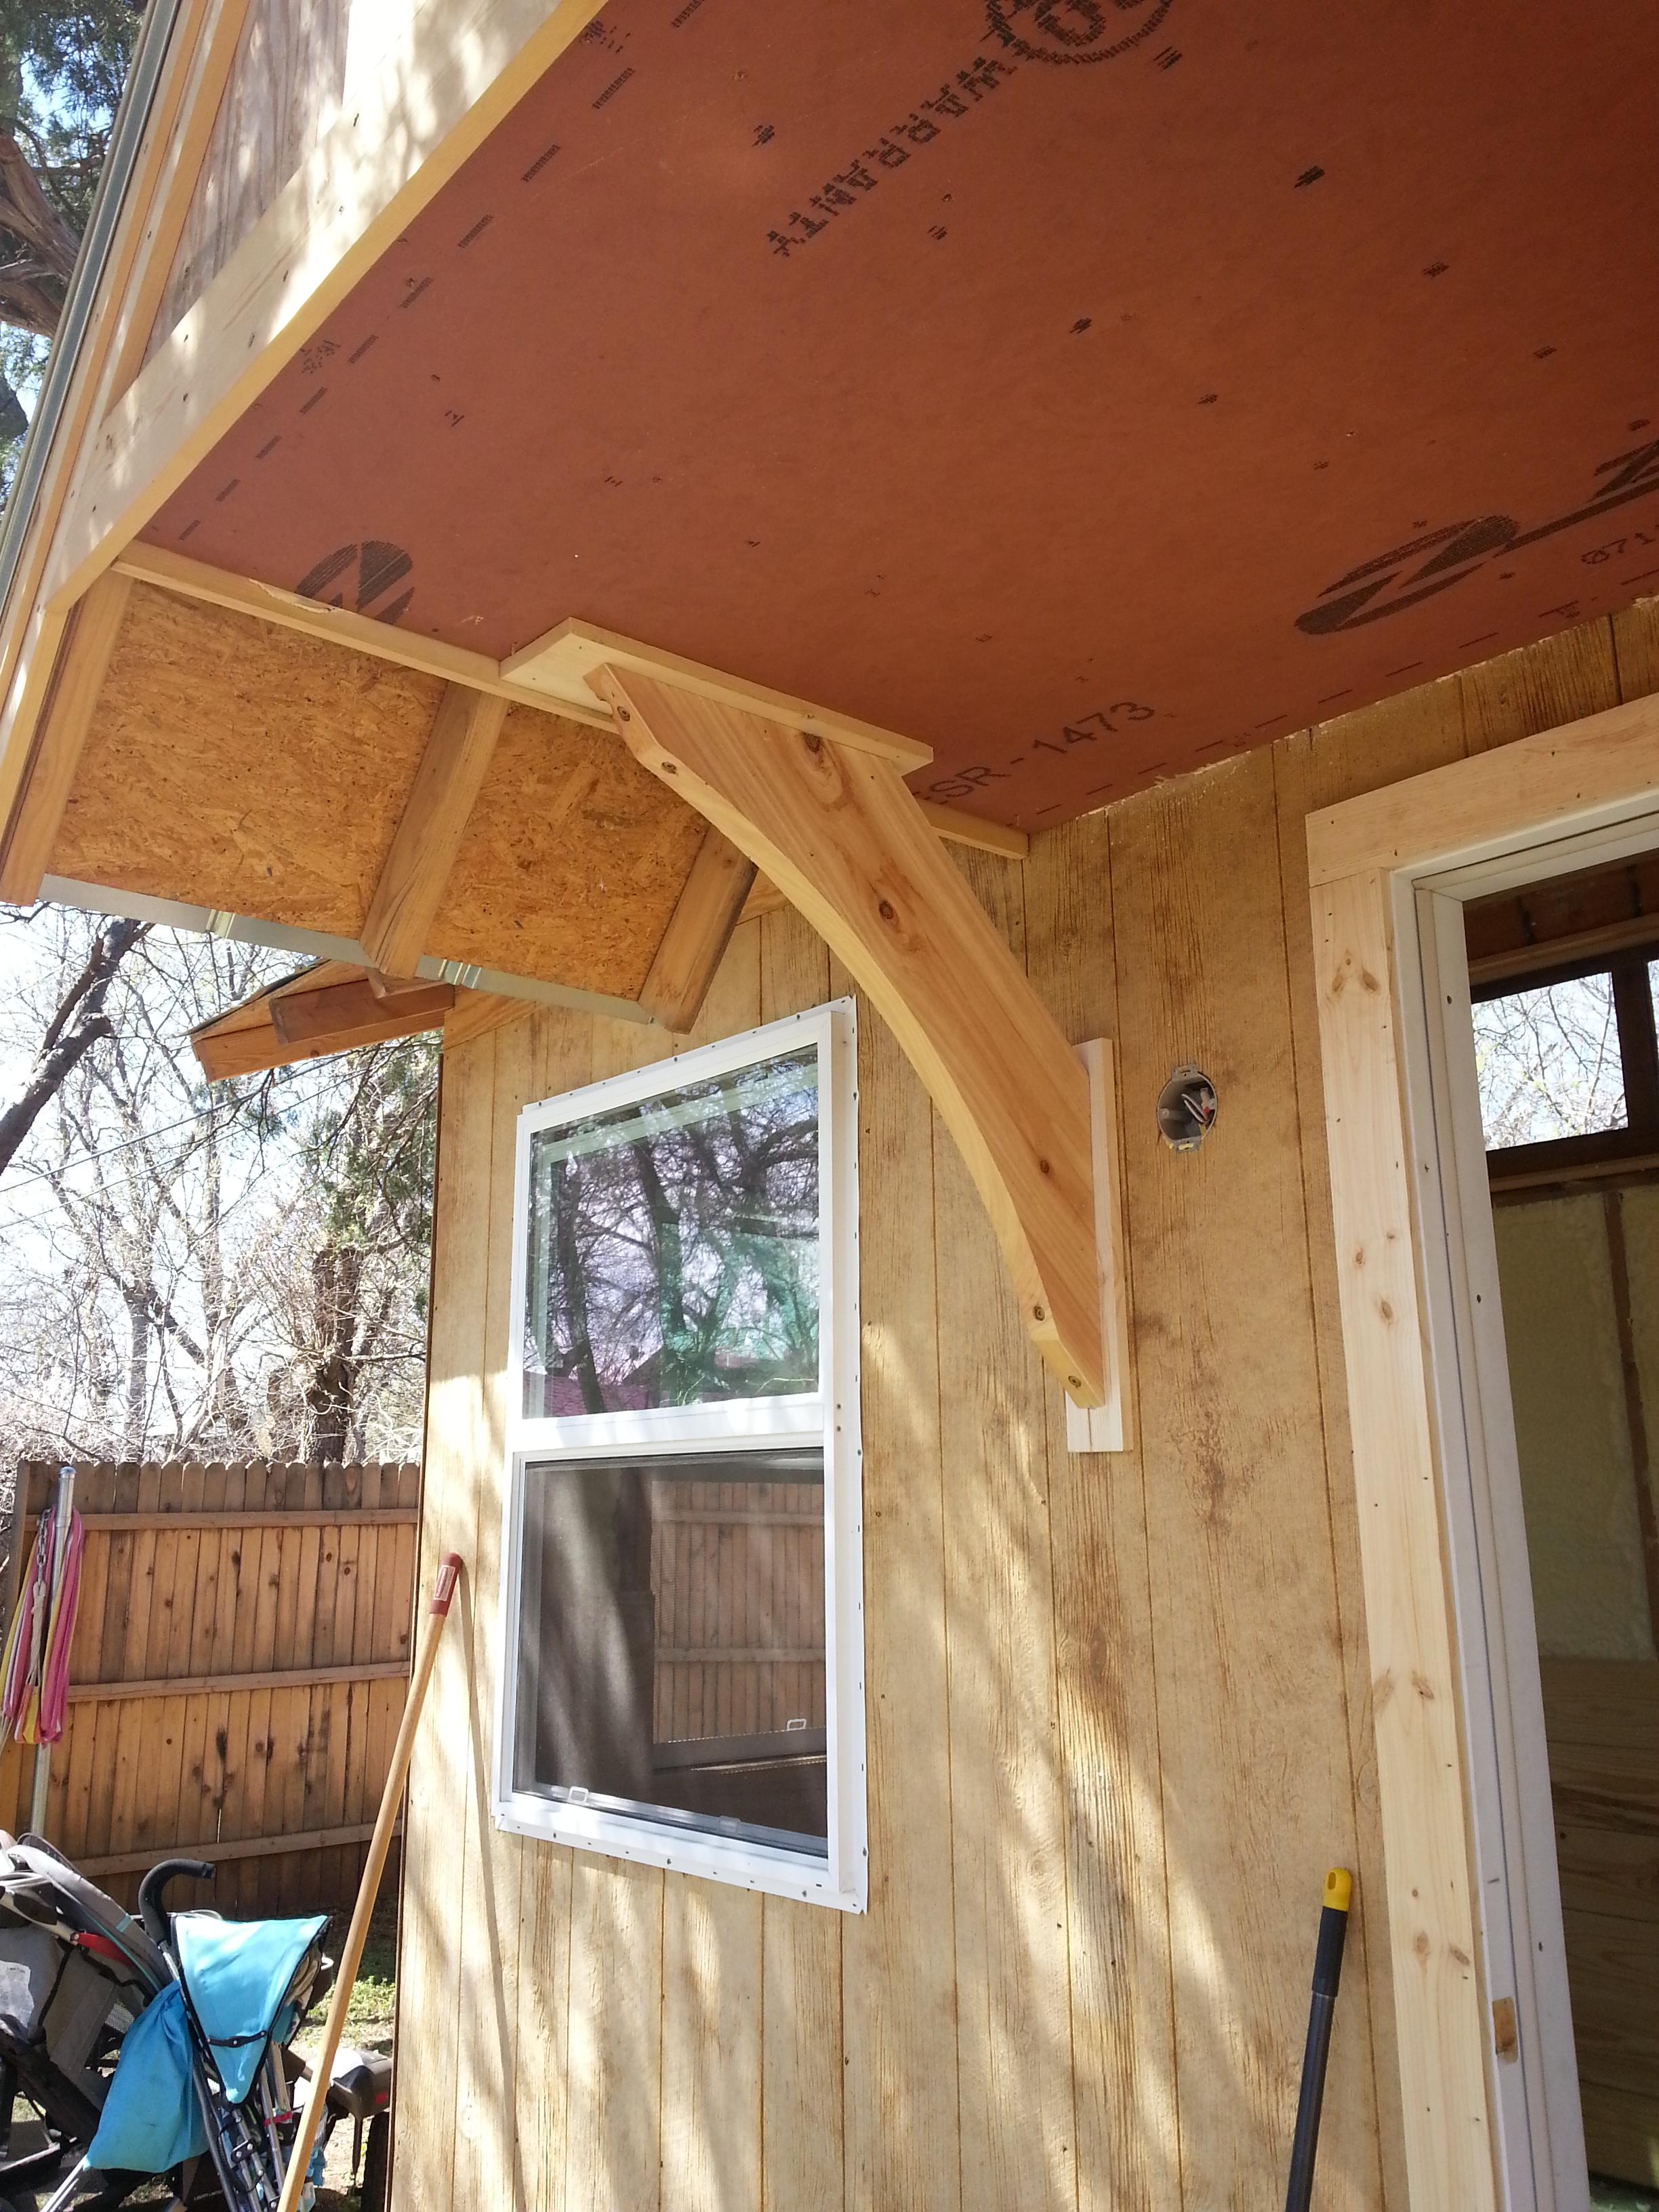 K shed - 067.jpg